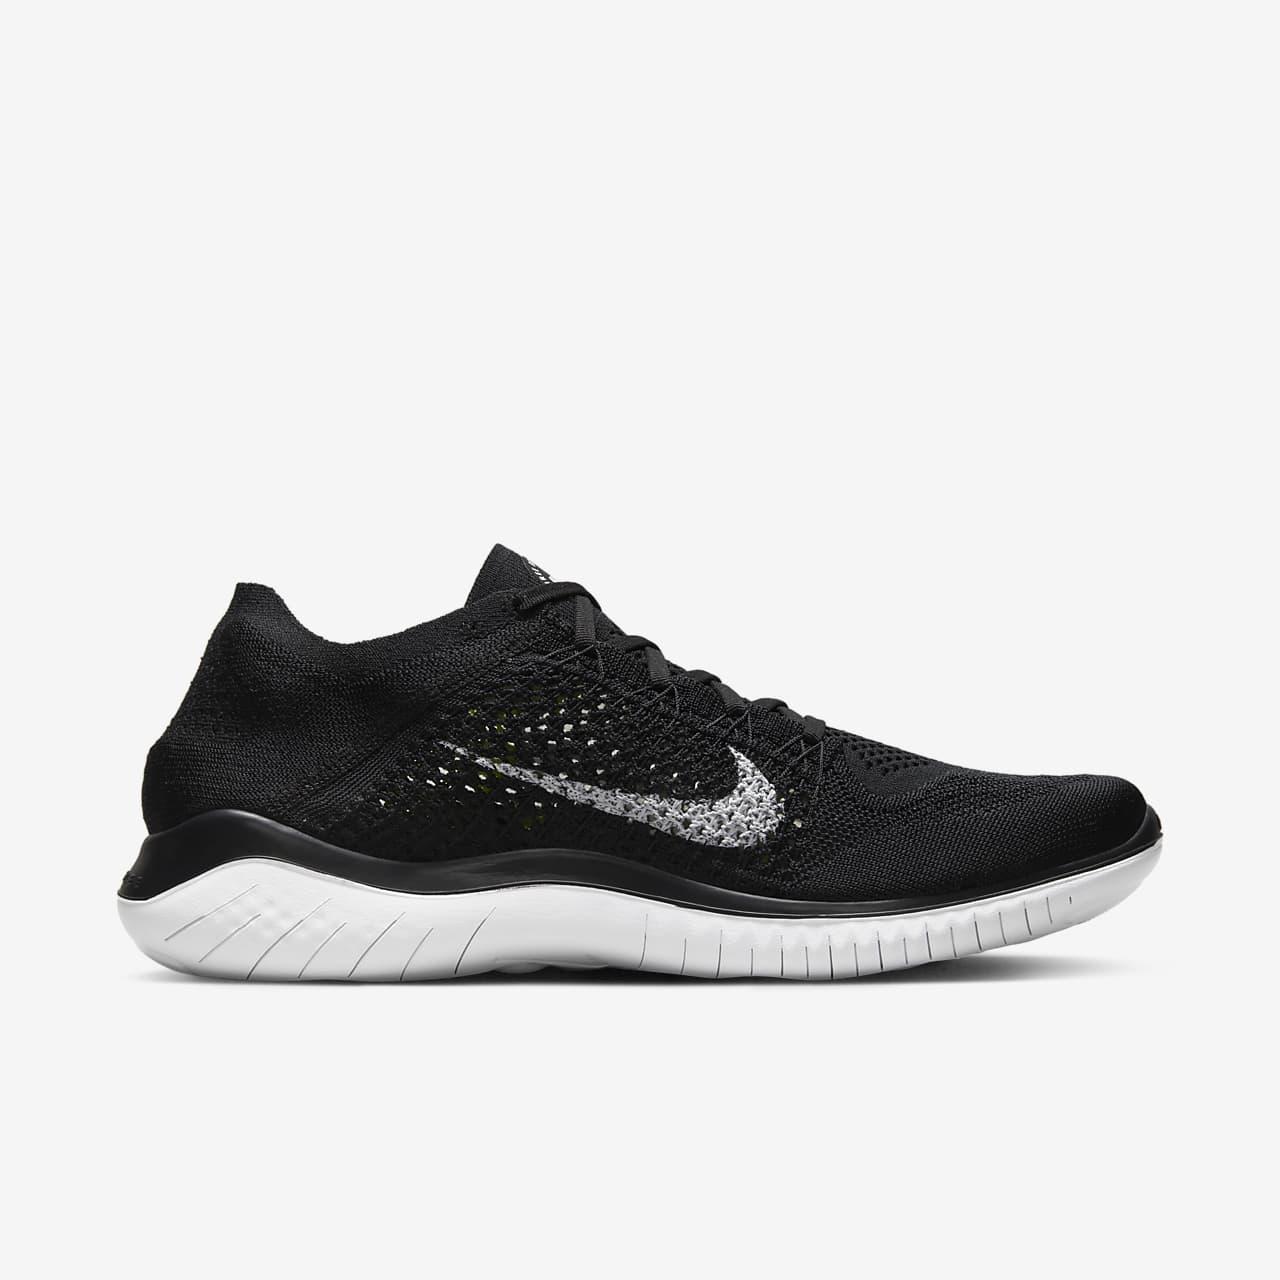 Nike Free RN 2018 Herren Laufschuhe schwarz QQwzznHK